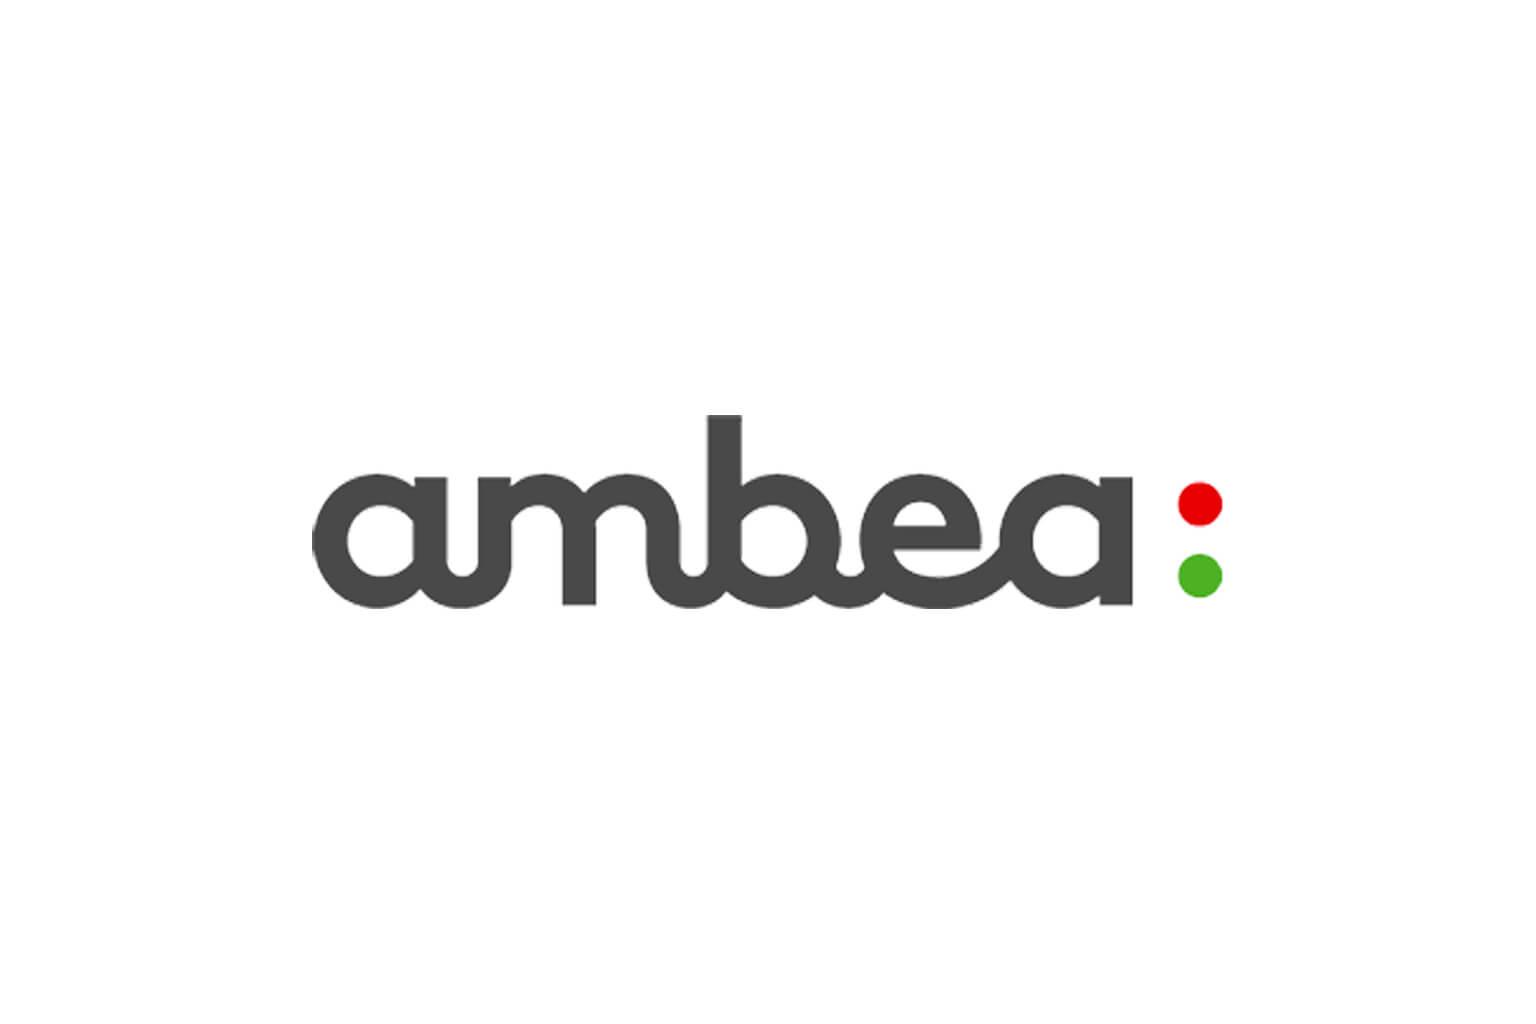 ambea